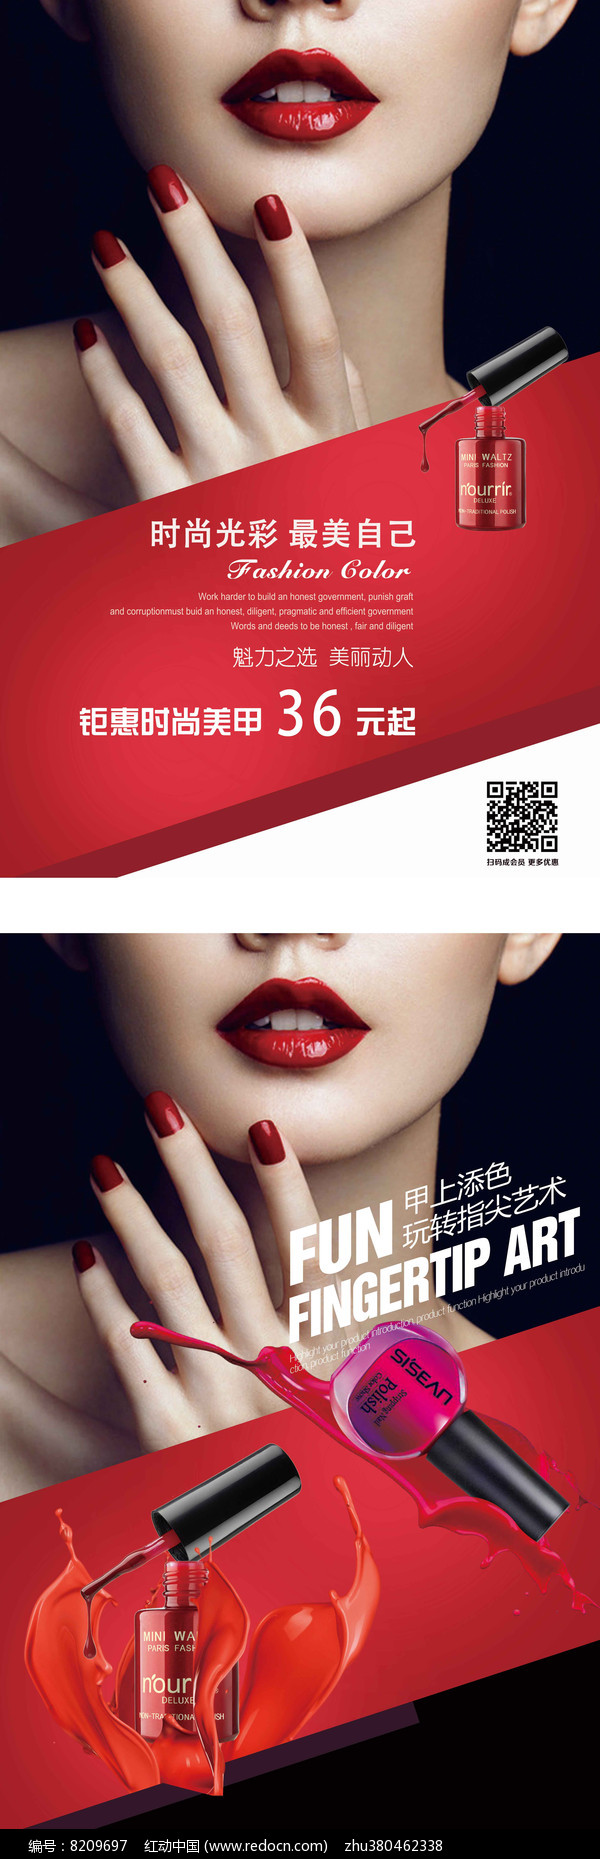 美妆美甲宣传海报设计图片图片